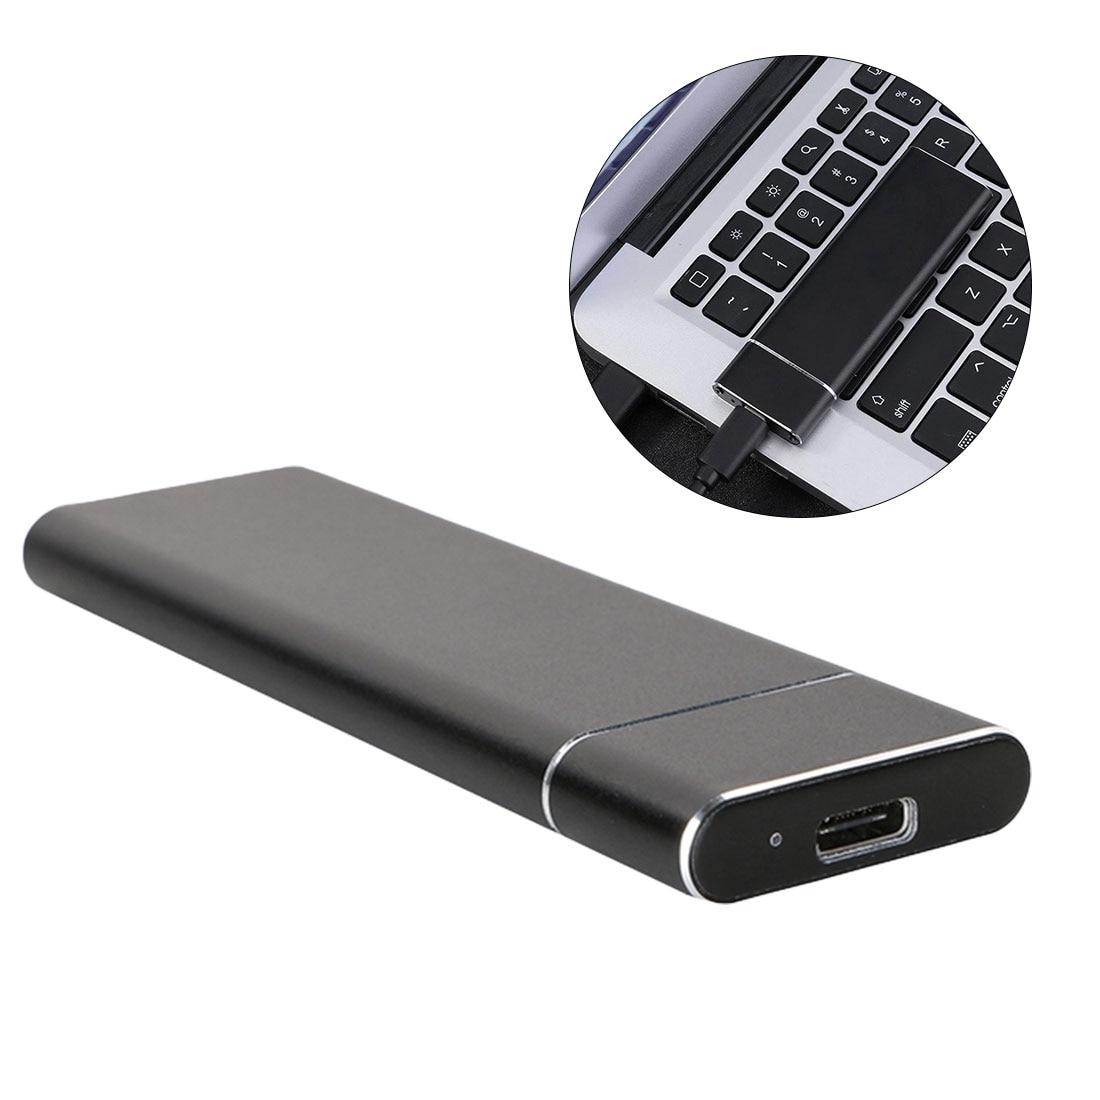 Usb 3.1 para m.2 ngff ssd caixa de disco rígido móvel adaptador cartão externo caixa gabinete para m2 sata ssd usb 3.1